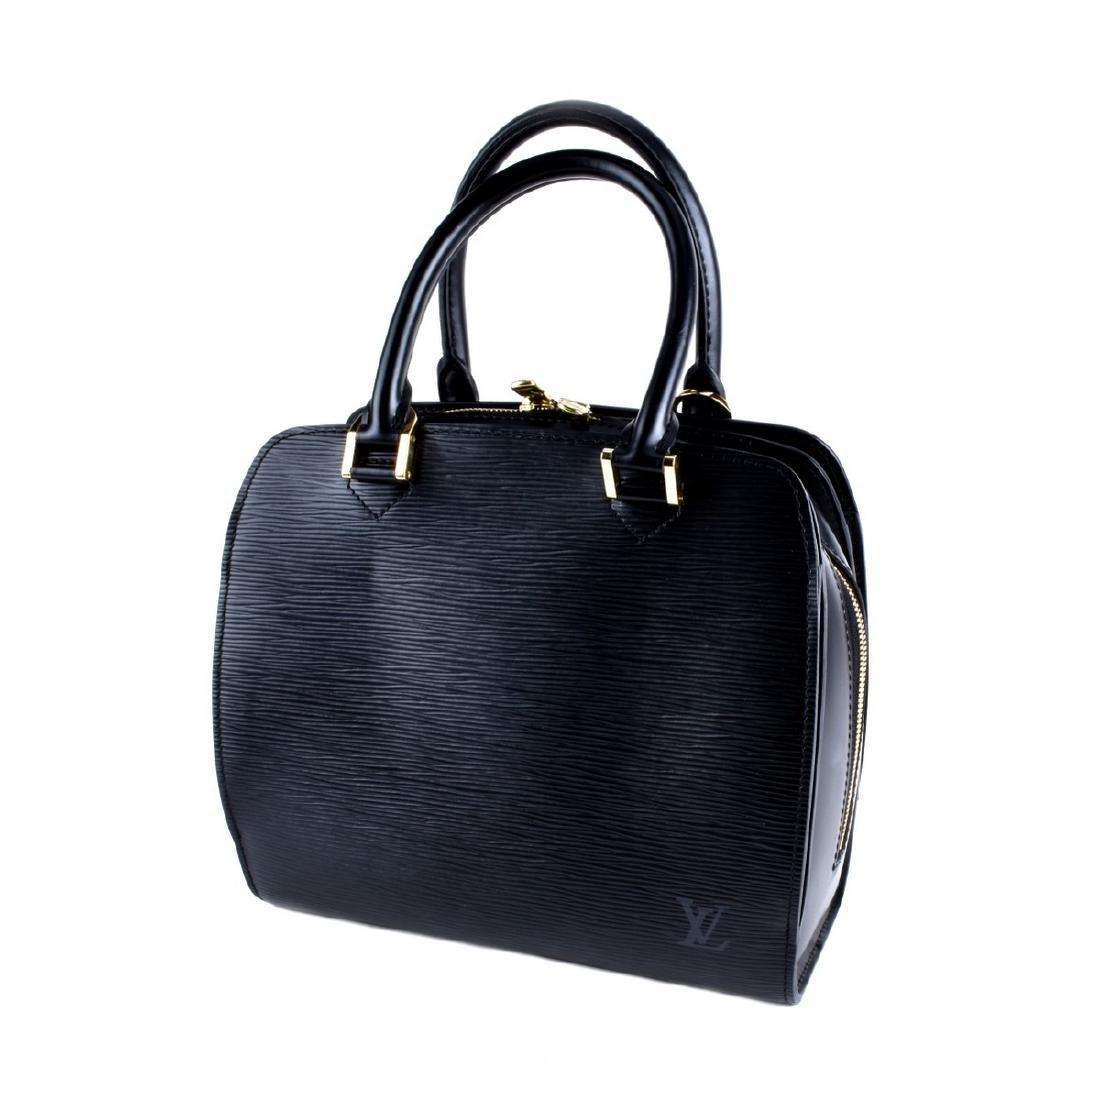 Louis Vuitton Black Epi Leather Pont-Neuf Handbag